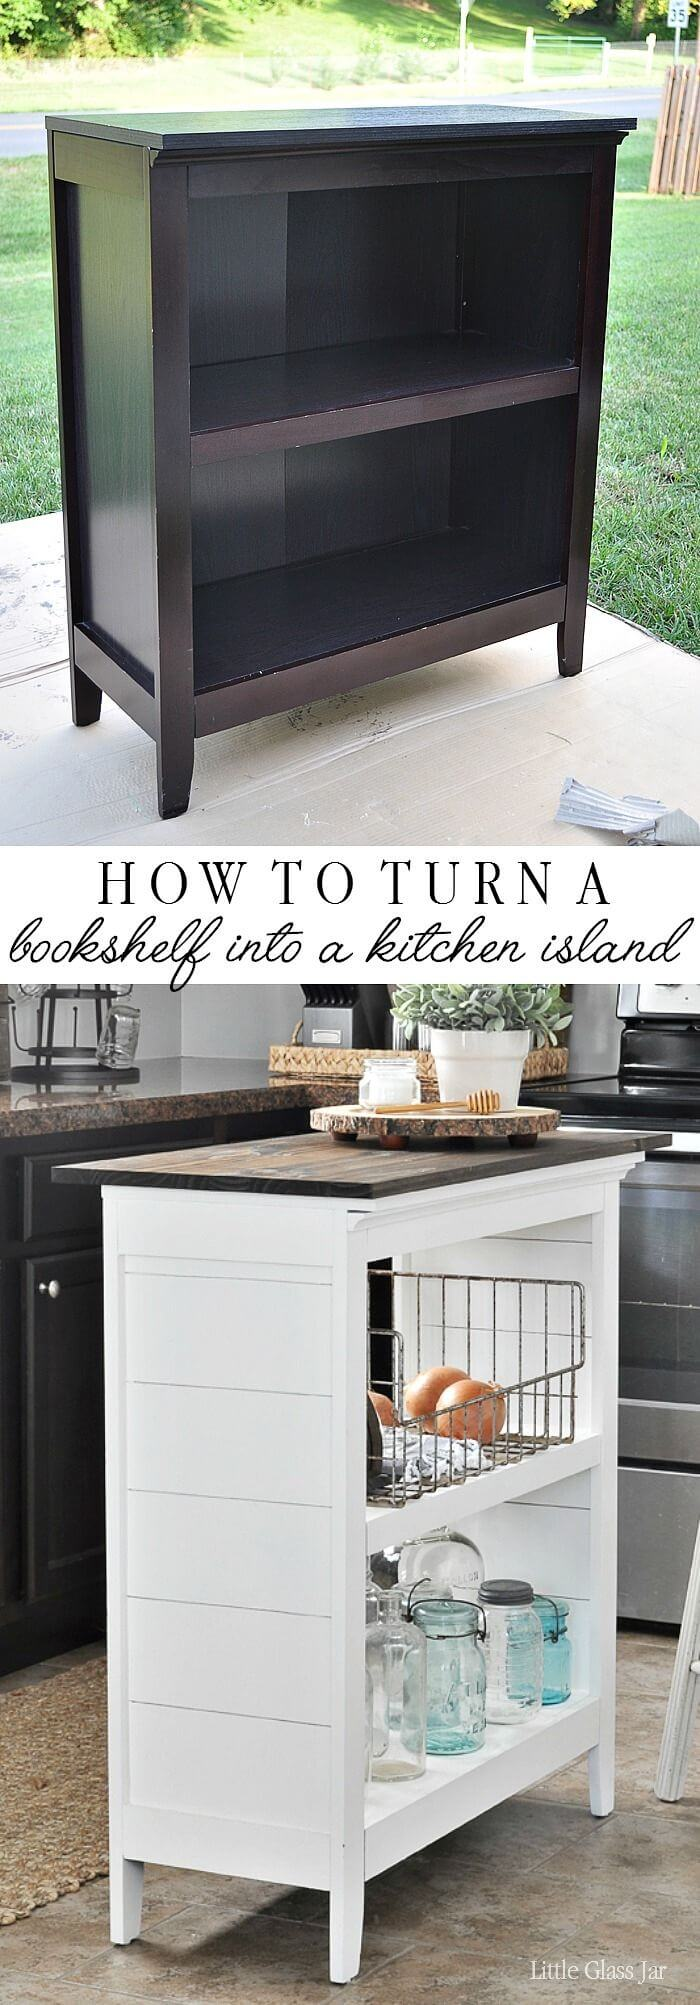 Réaliser un ilot cuisine original! 20 idées créatives pour vous ...